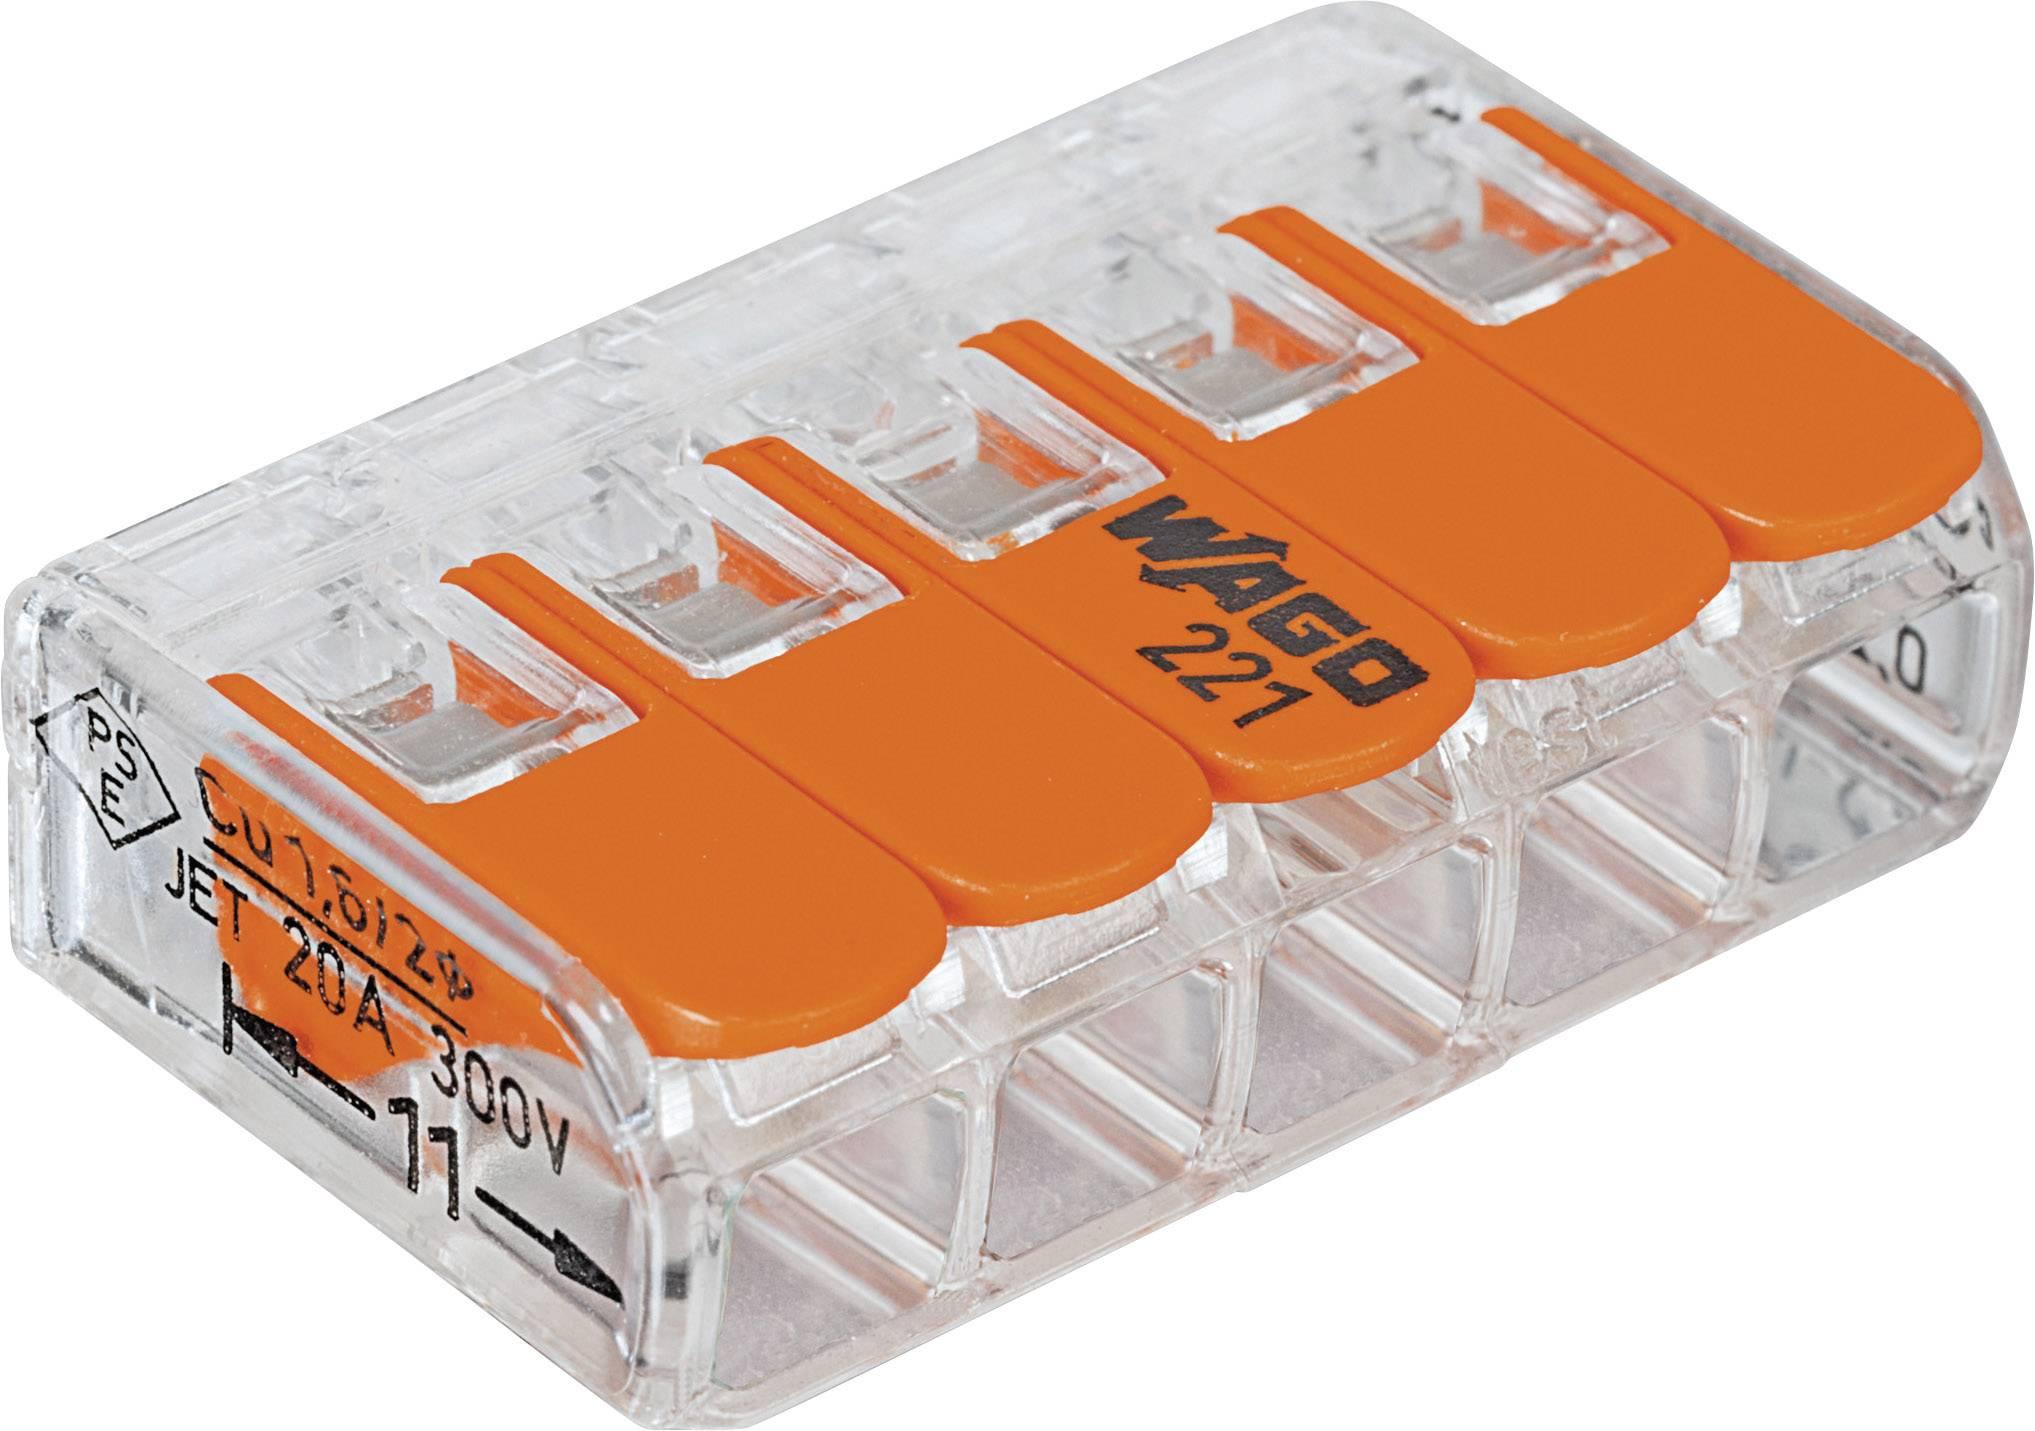 Kabelová svorka WAGO 221-415 pro kabel o rozměru 0.14-4 mm², pólů 5, 25 ks, transparentní, oranžová